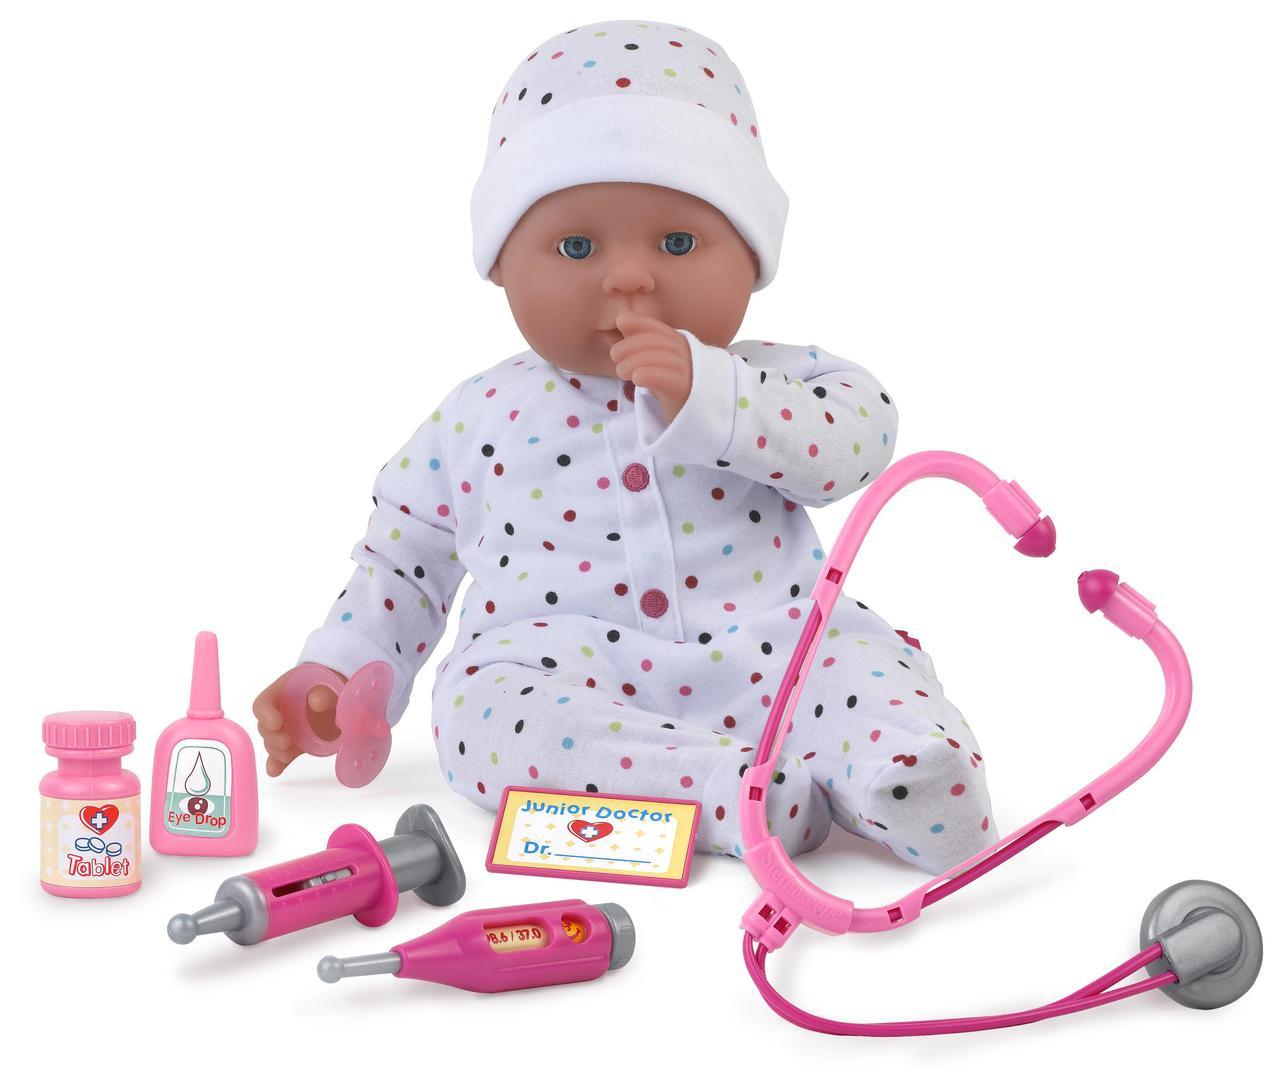 Куклы и пупсы «Dolls World» (8739) пупс Долли - доктор, с аксессуарами